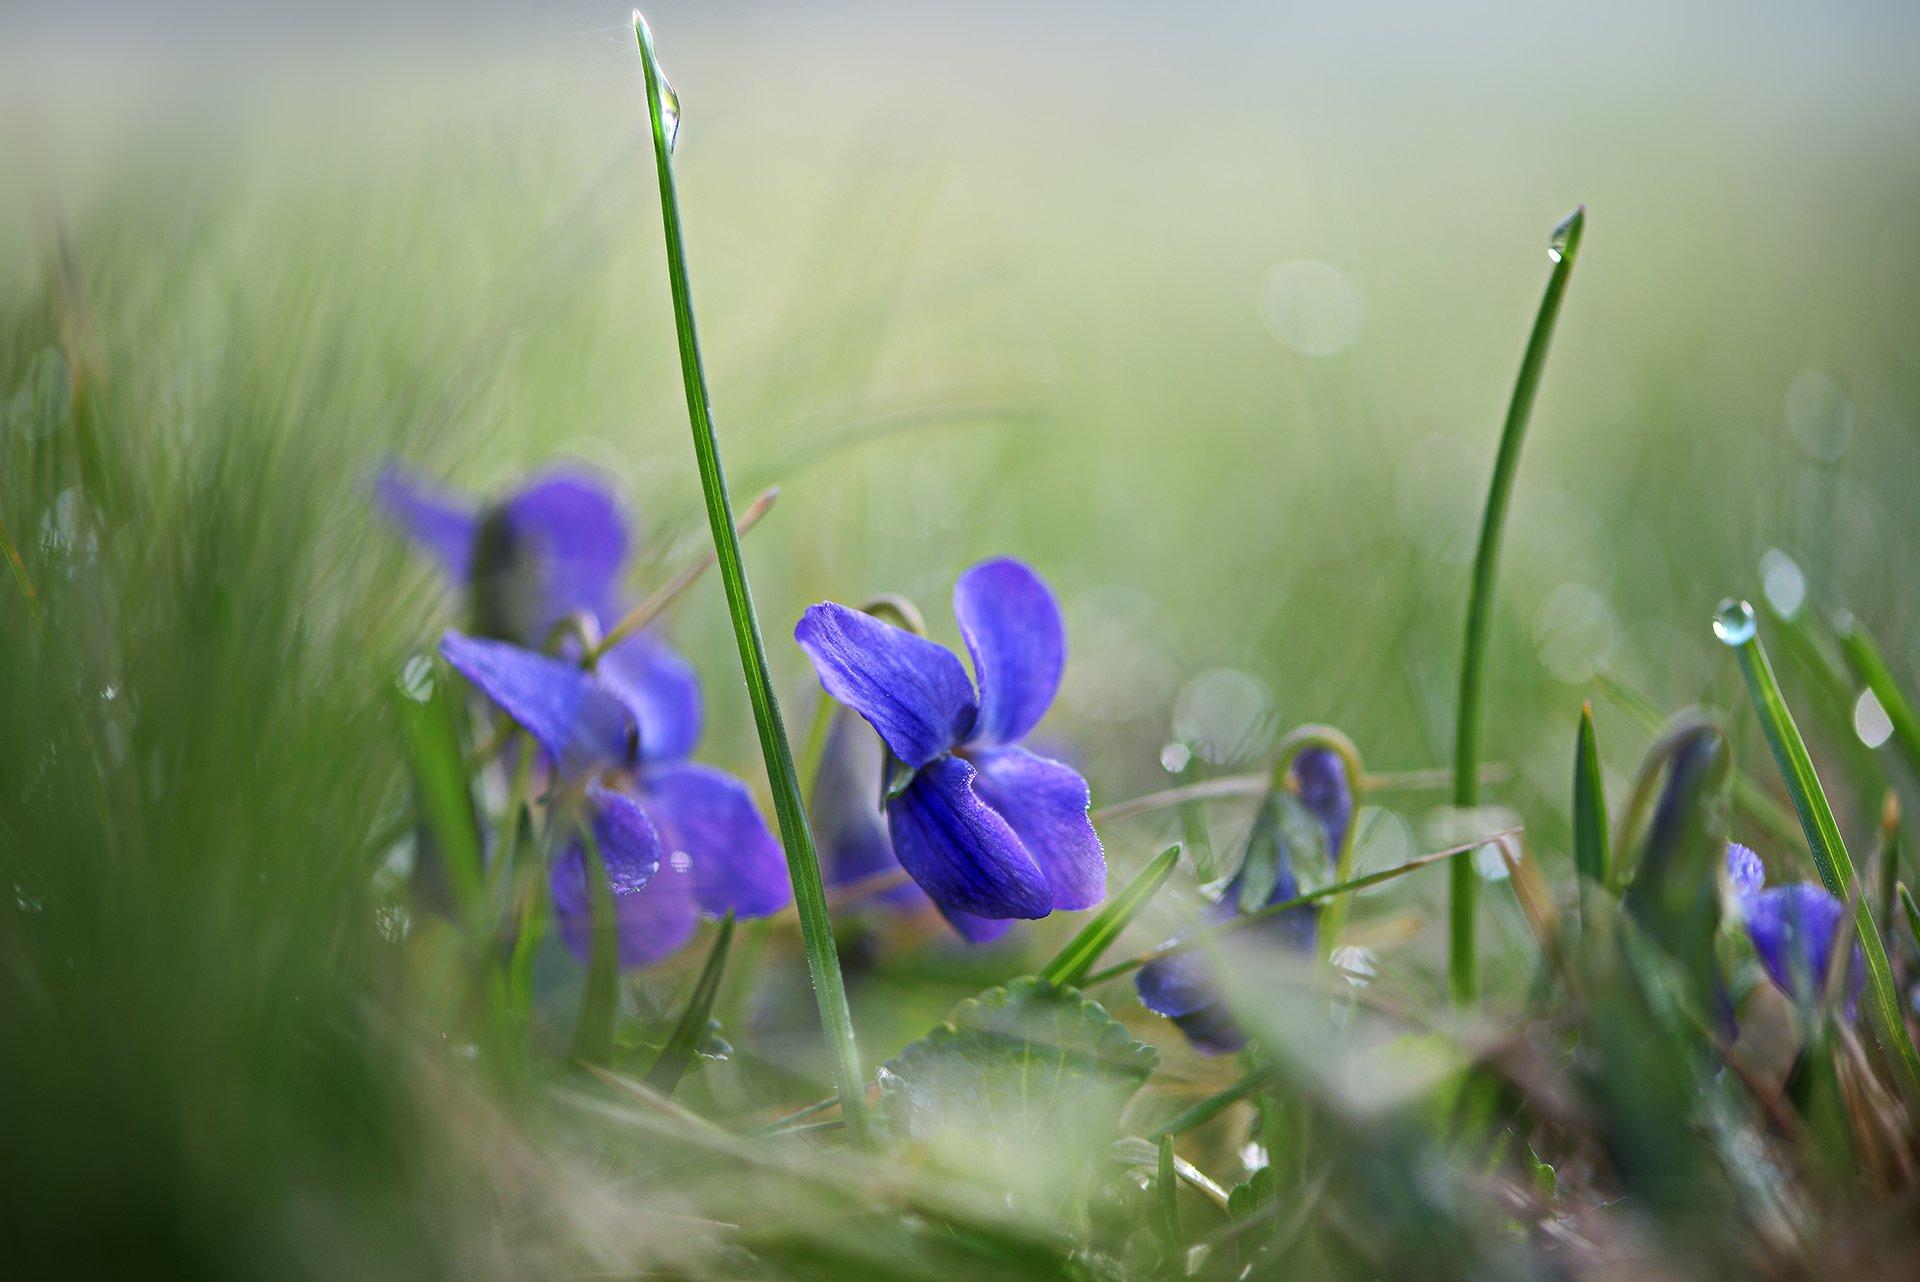 природа, макро, весна, цветы, фиалка, Неля Рачкова